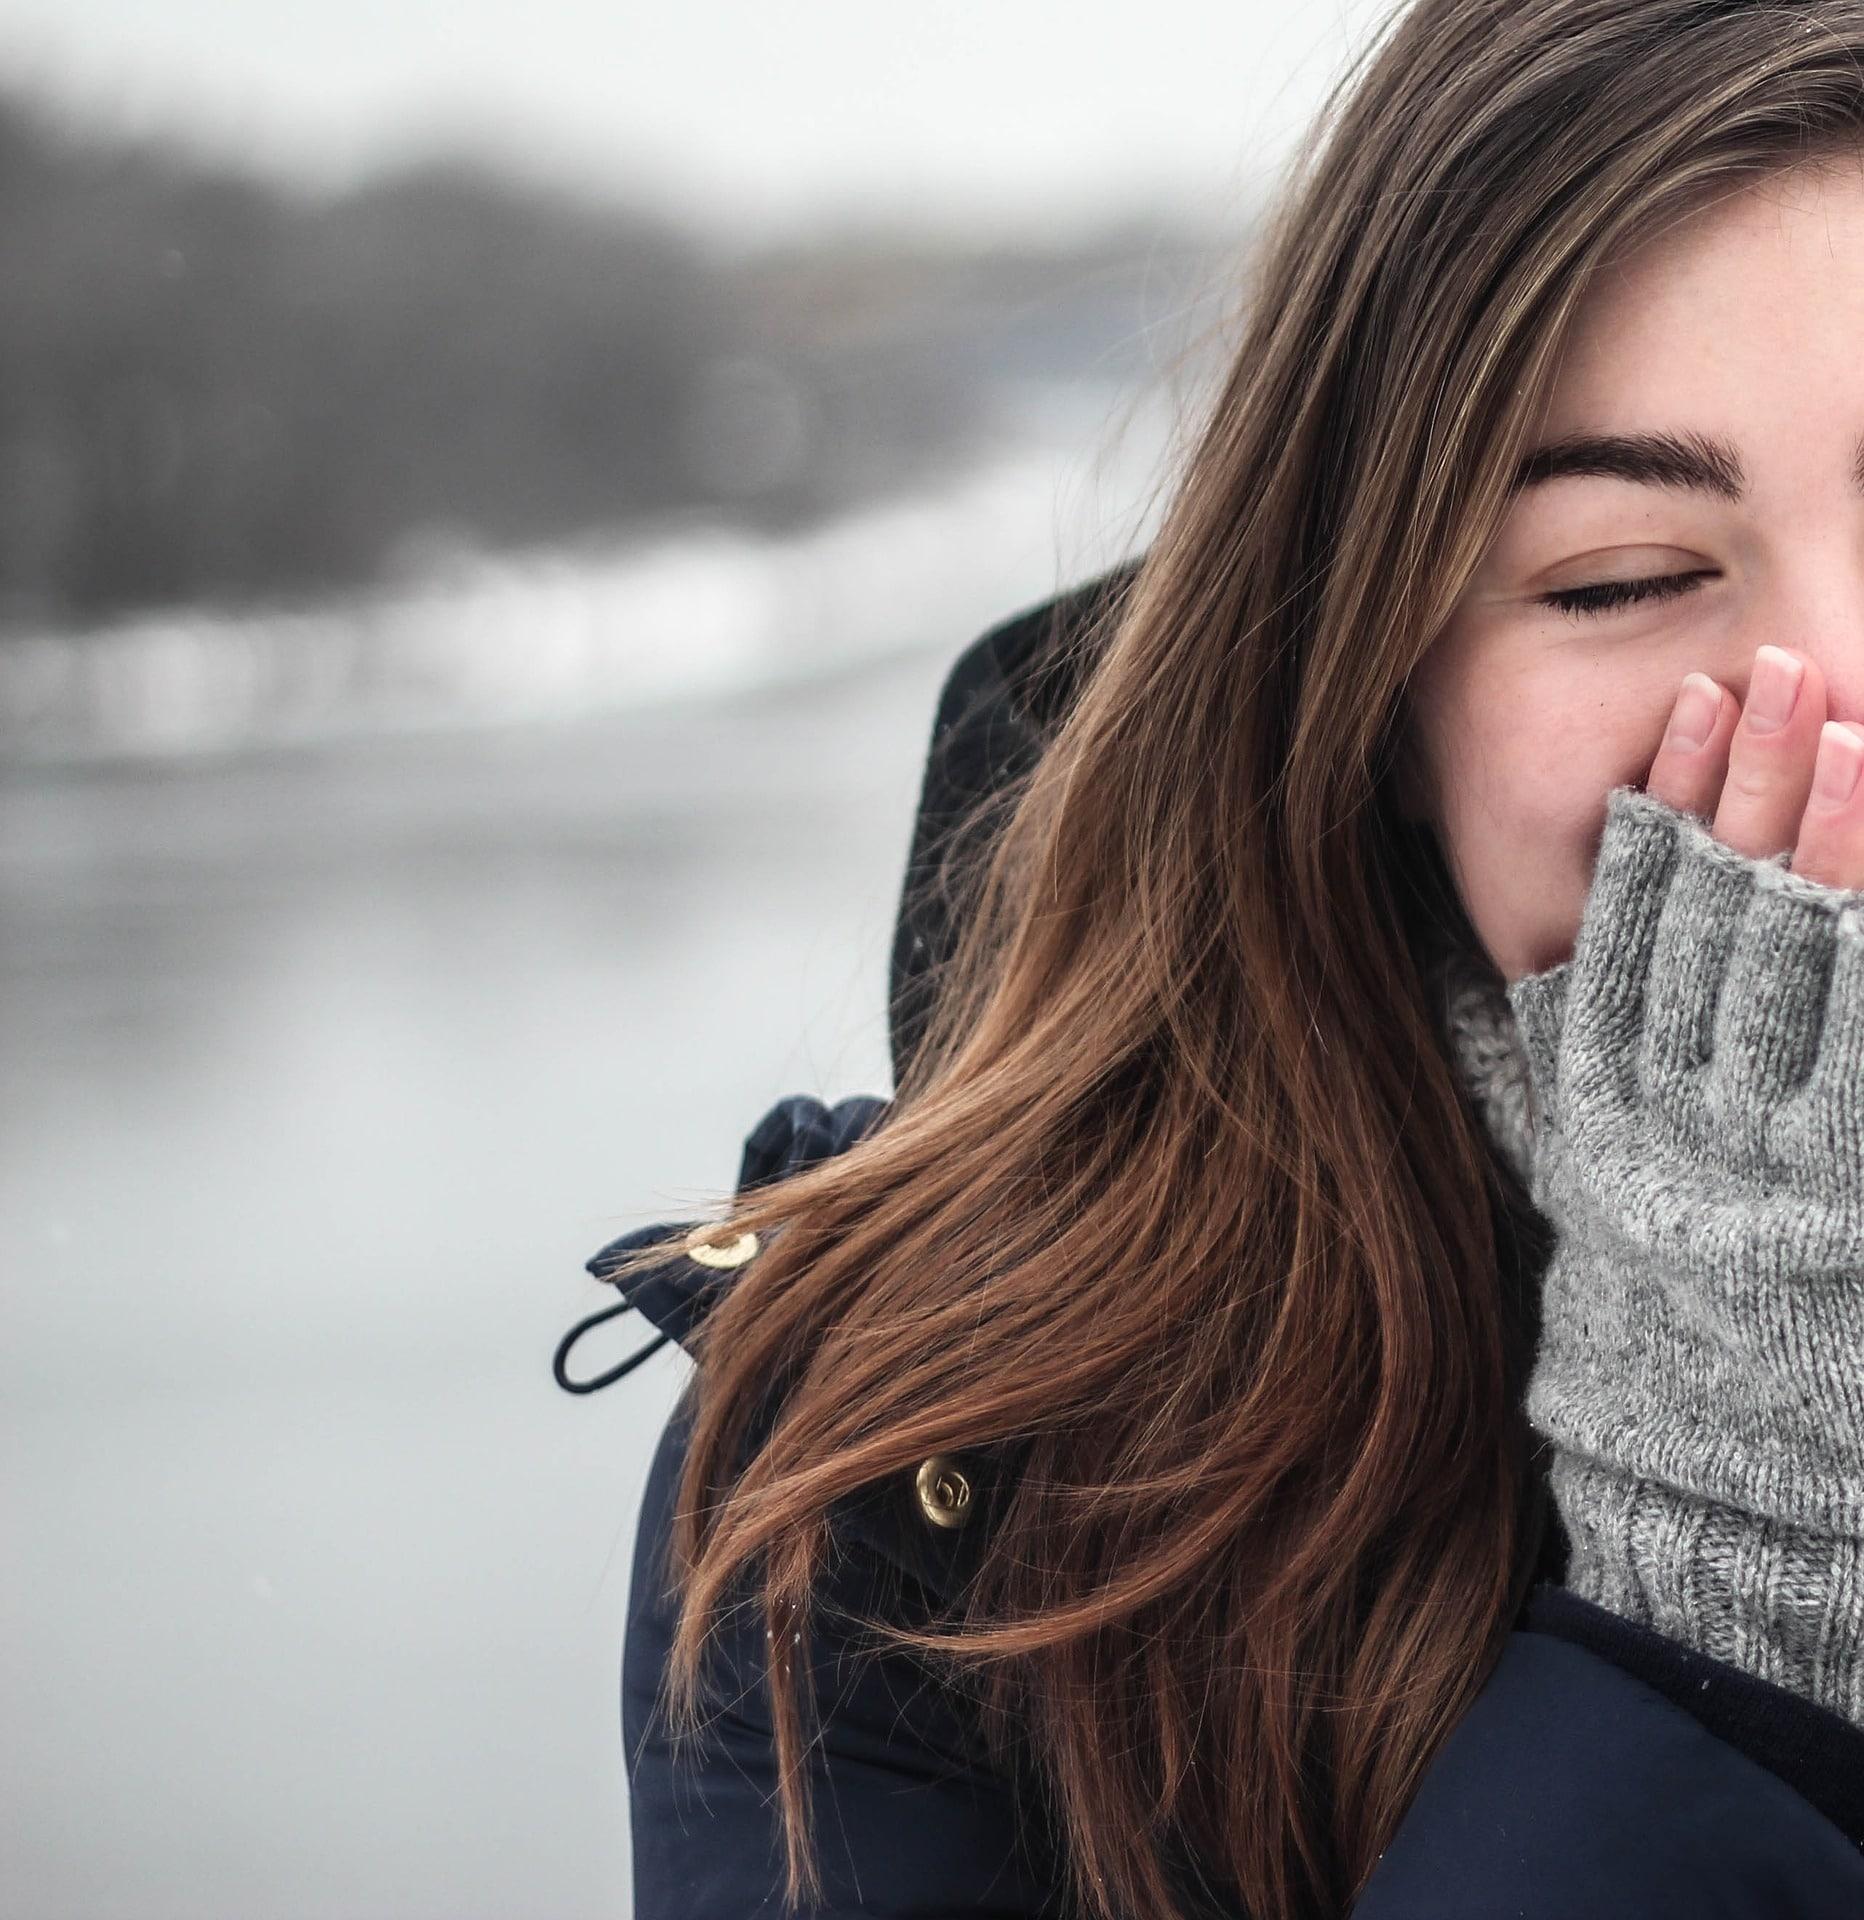 Frau im Winter pustet sich wärmend in die Hände